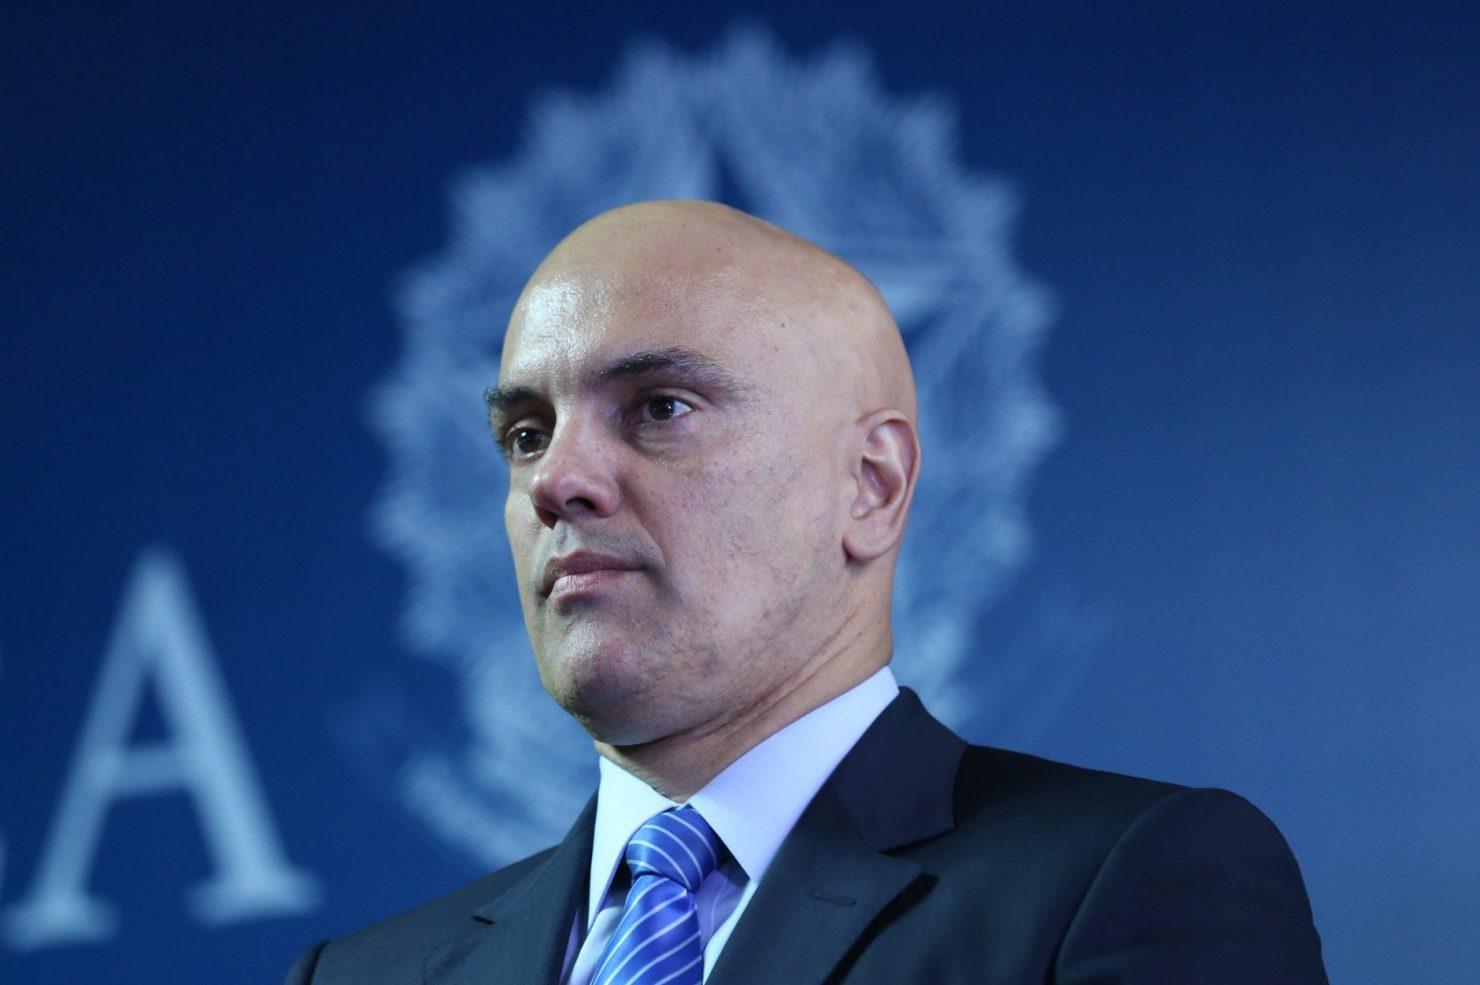 Petição por impeachment do Ministro Alexandre de Moraes ultrapassa 2 milhões de assinaturas